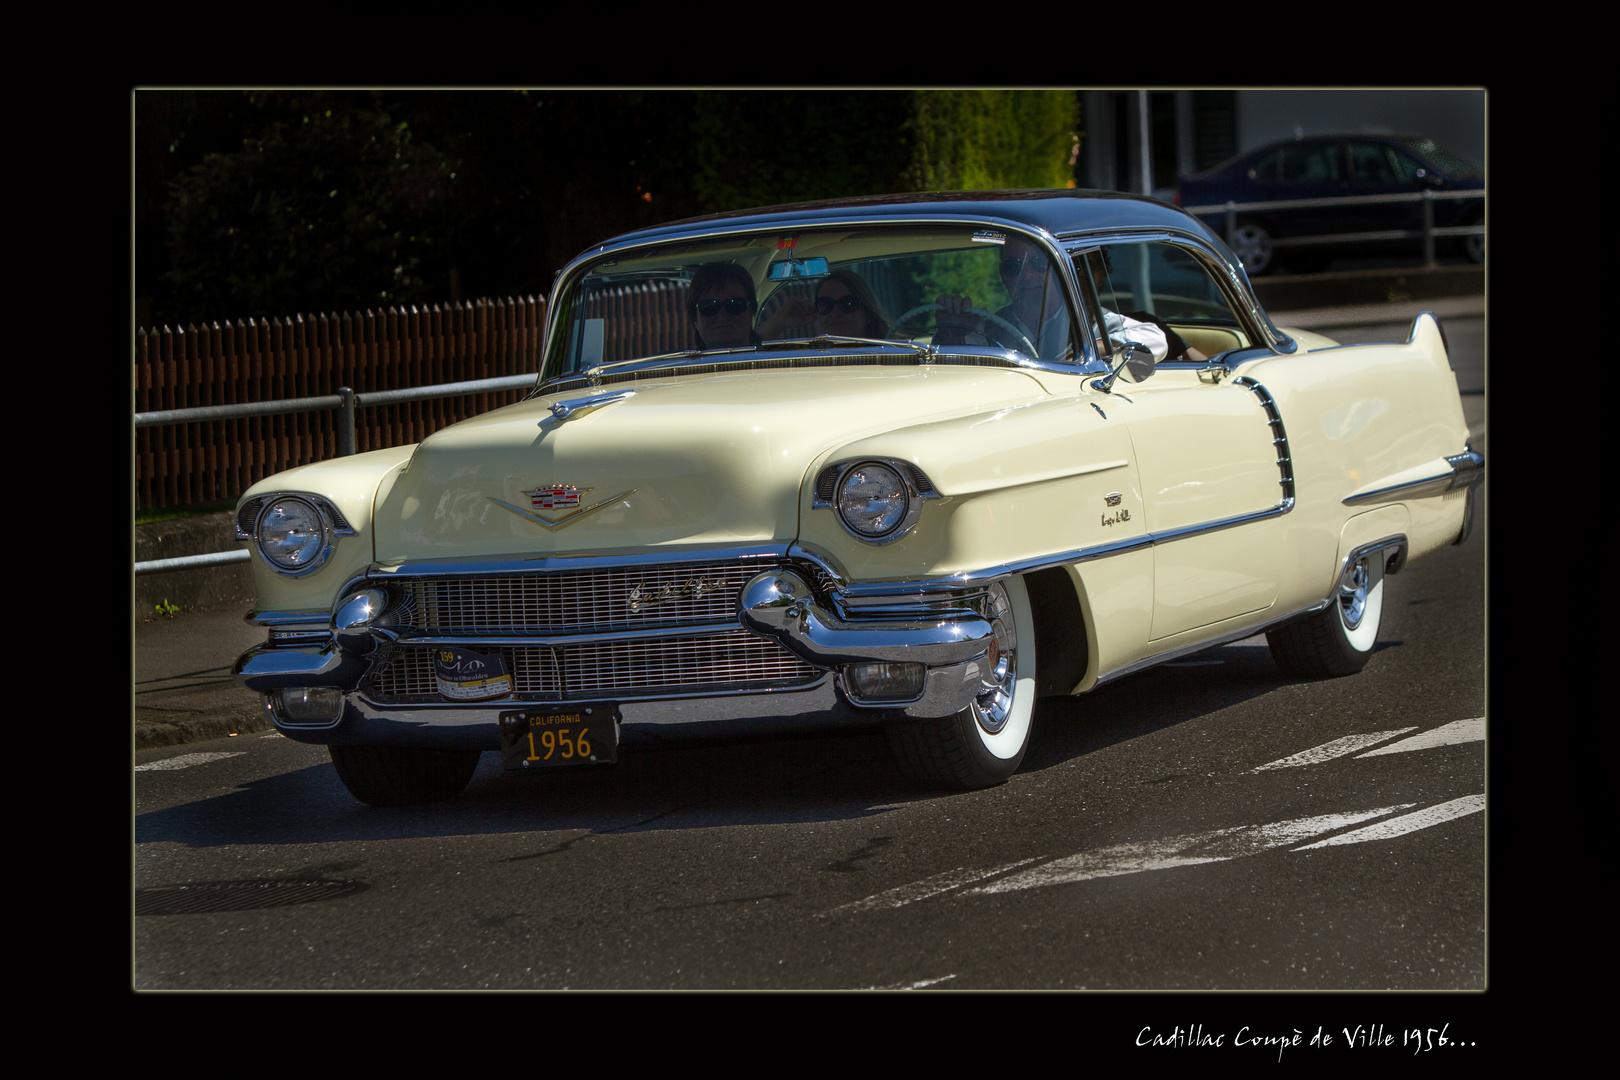 Cadillac Coupè de Ville 1956...